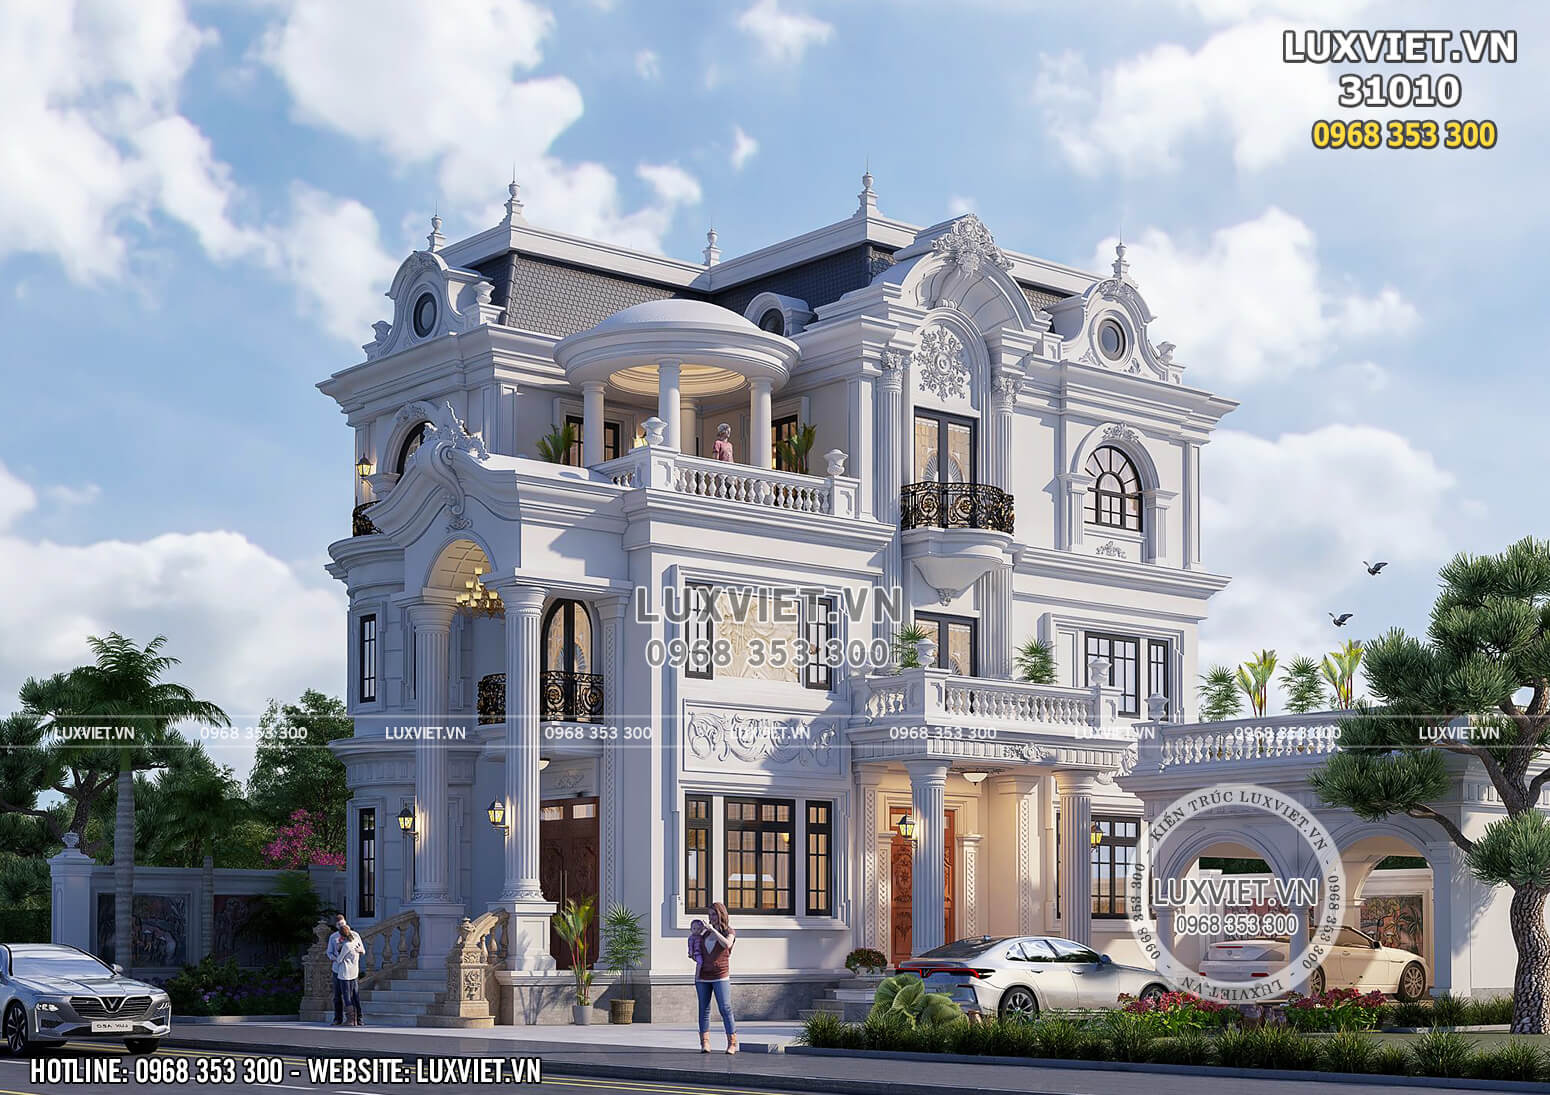 Mặt bên của ngôi biệt thự nổi bật bởi đường nét kiến trúc tinh tế